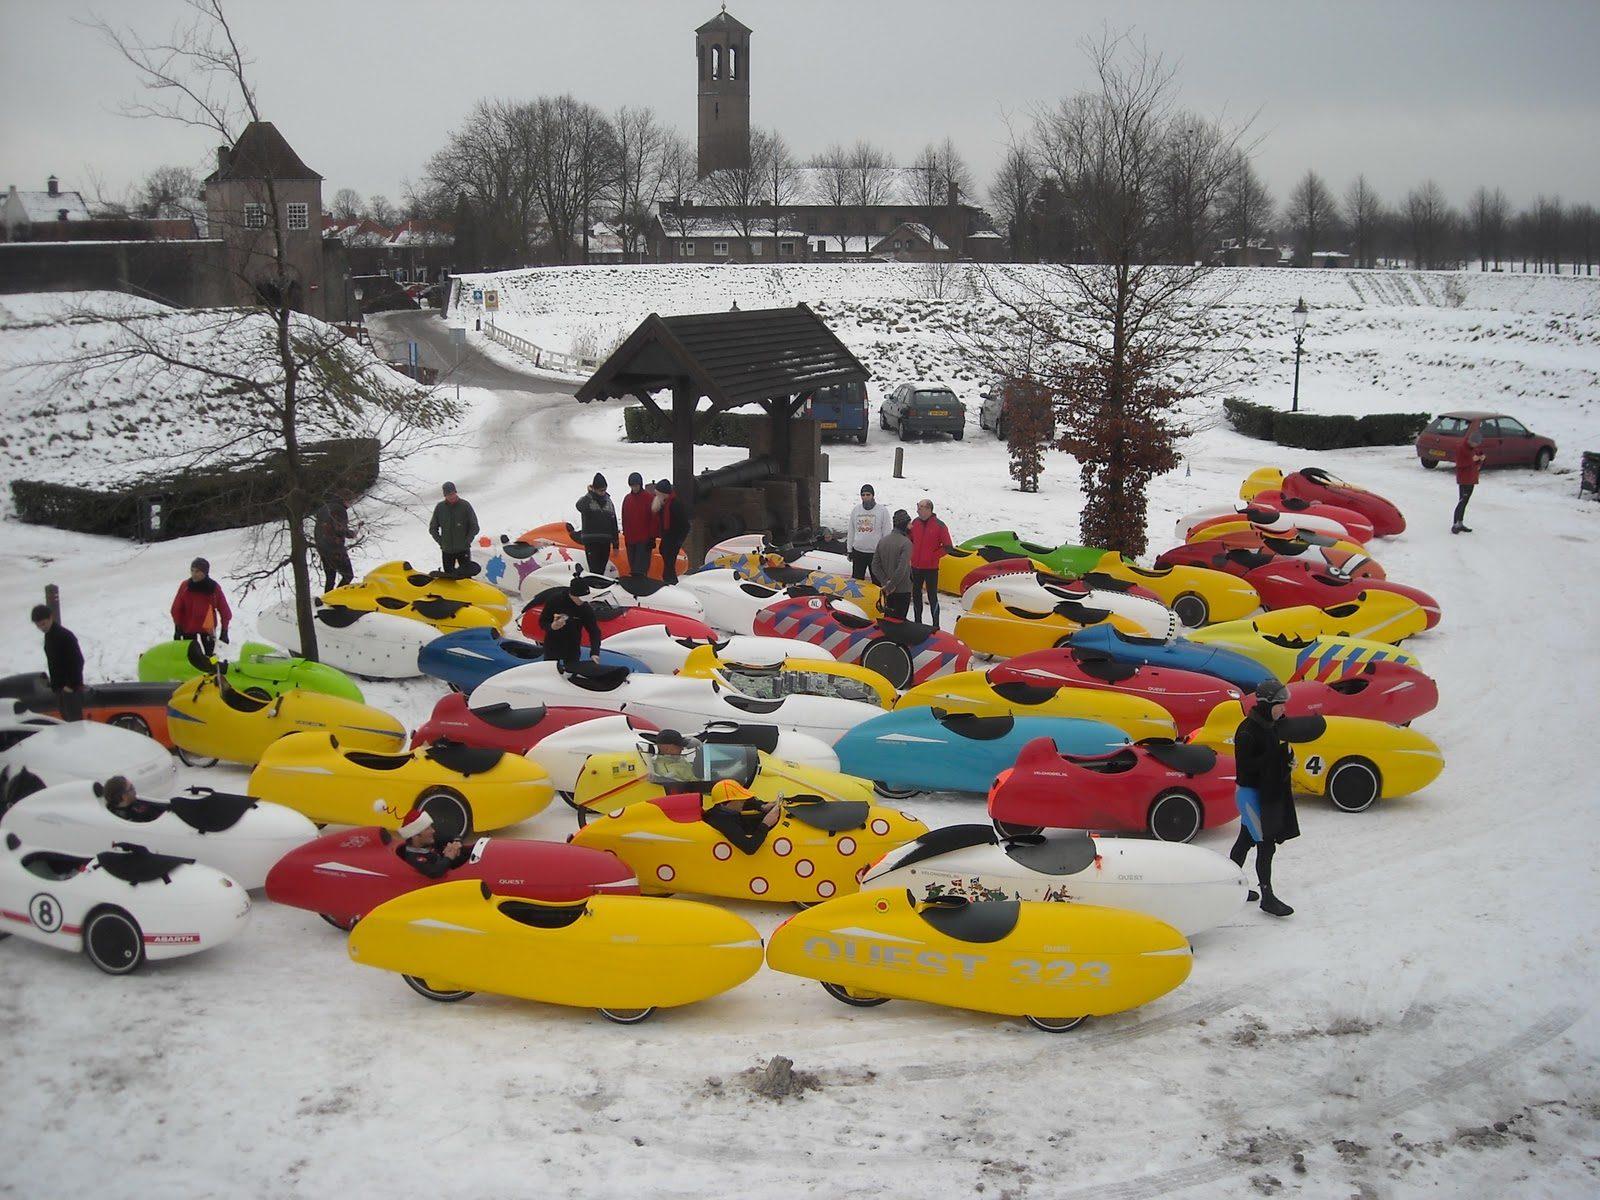 Velomobiles in the snow